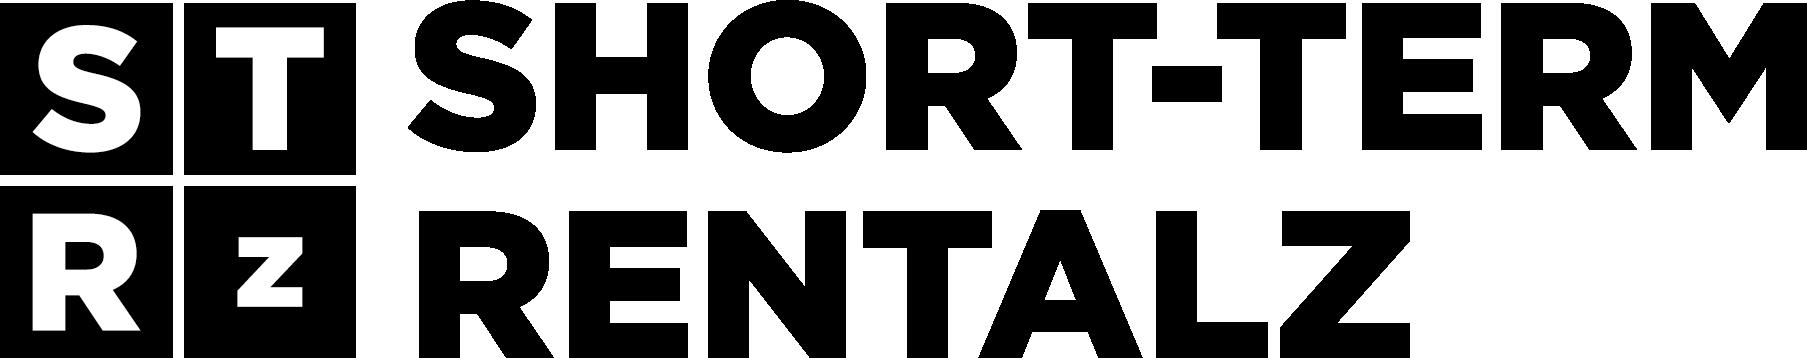 Shorttermrentalz Book DIrect Show Media Partner